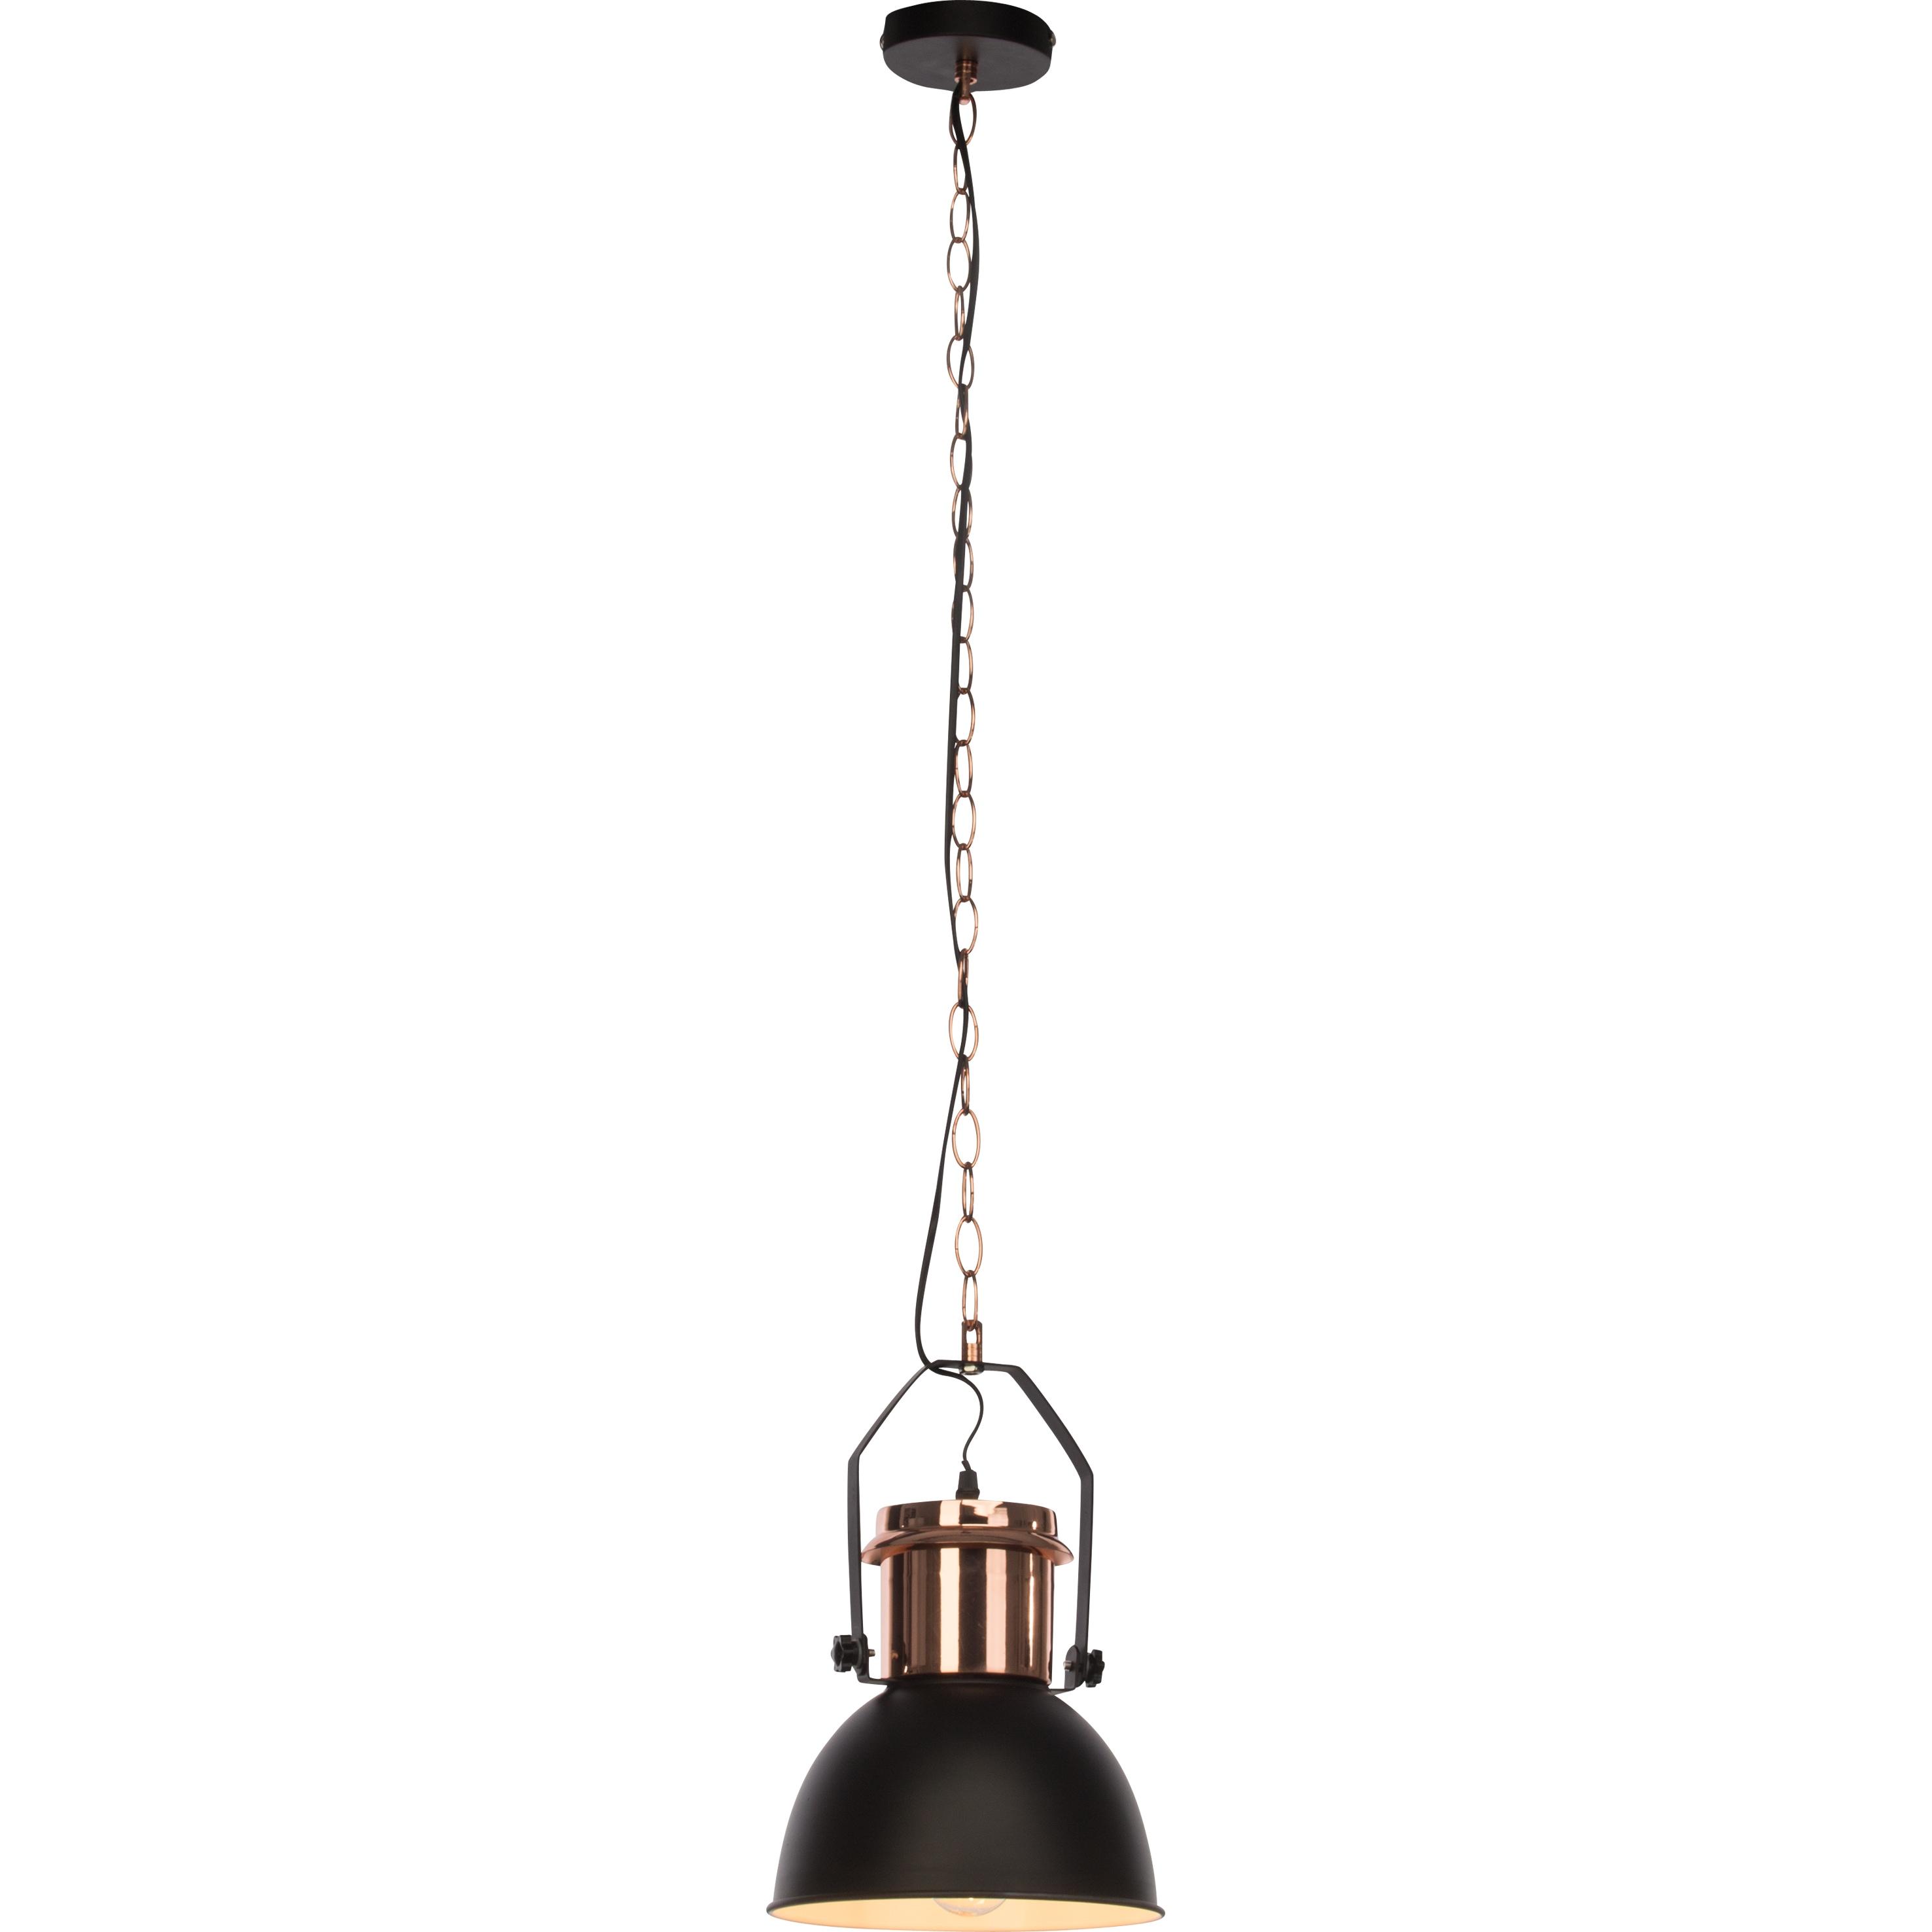 Brilliant Leuchten Salford Pendelleuchte 23cm schwarz/kupfer